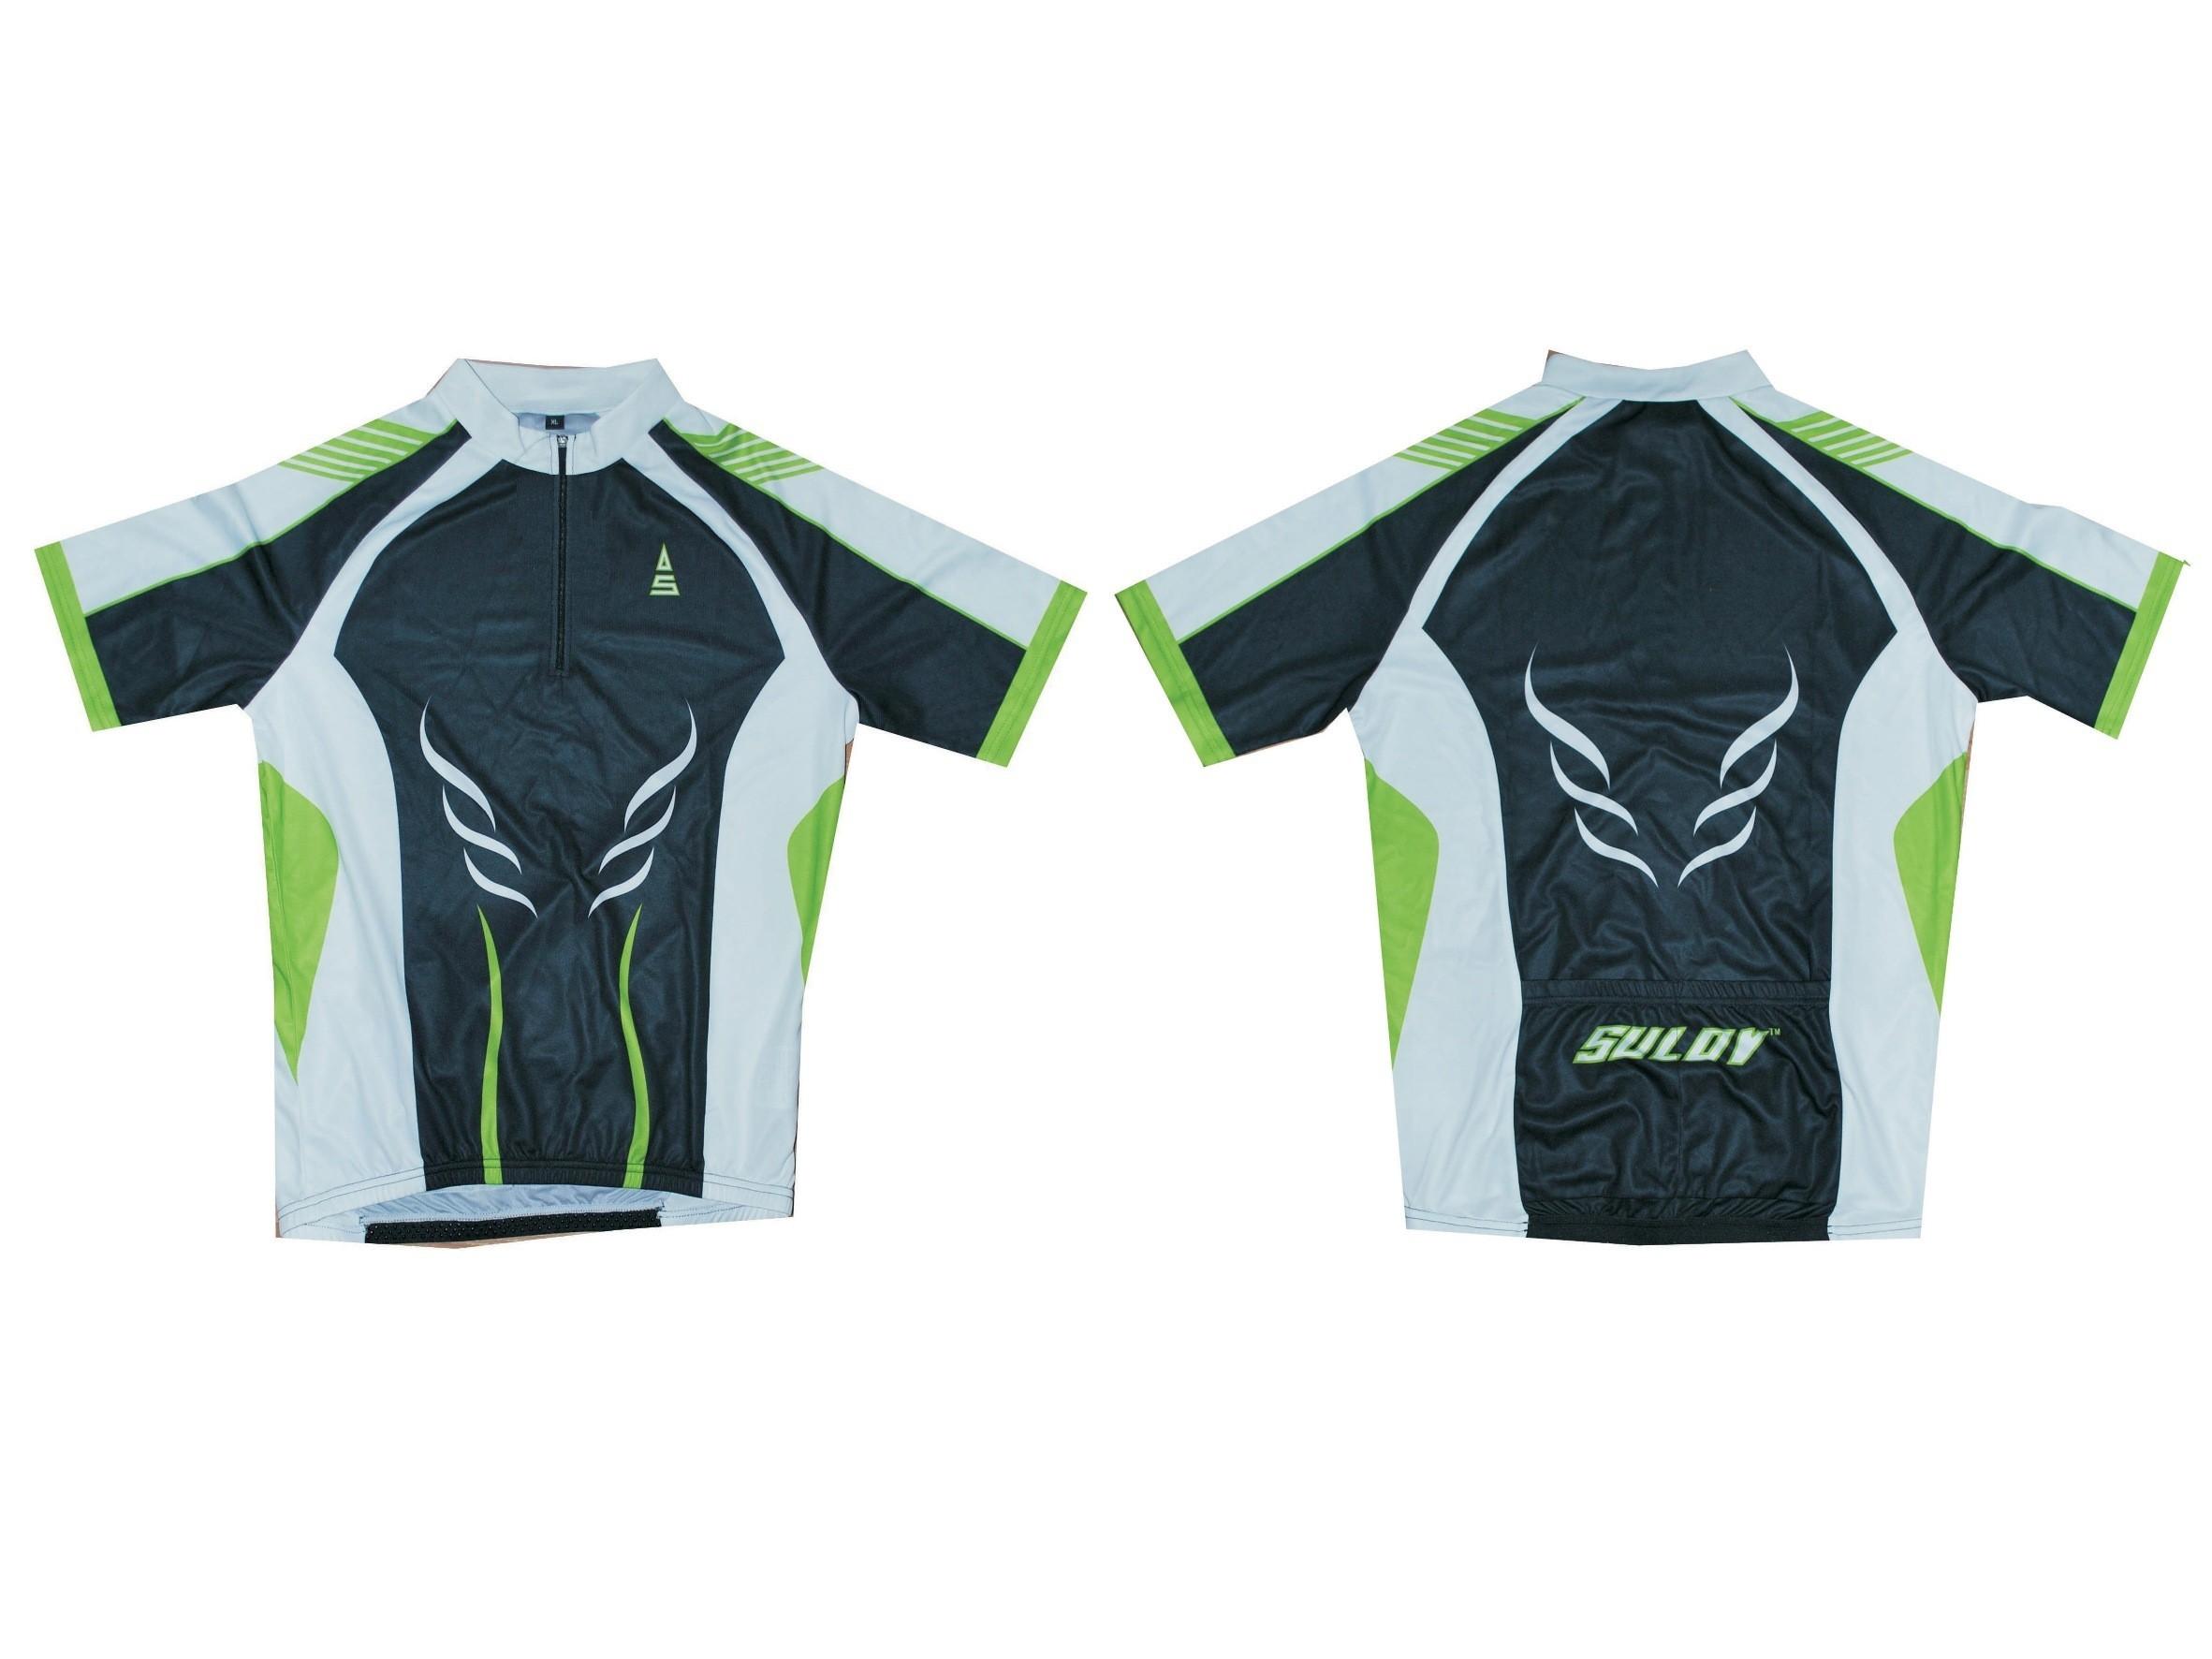 Cyklistický dres SULOV, vel. M, zelený